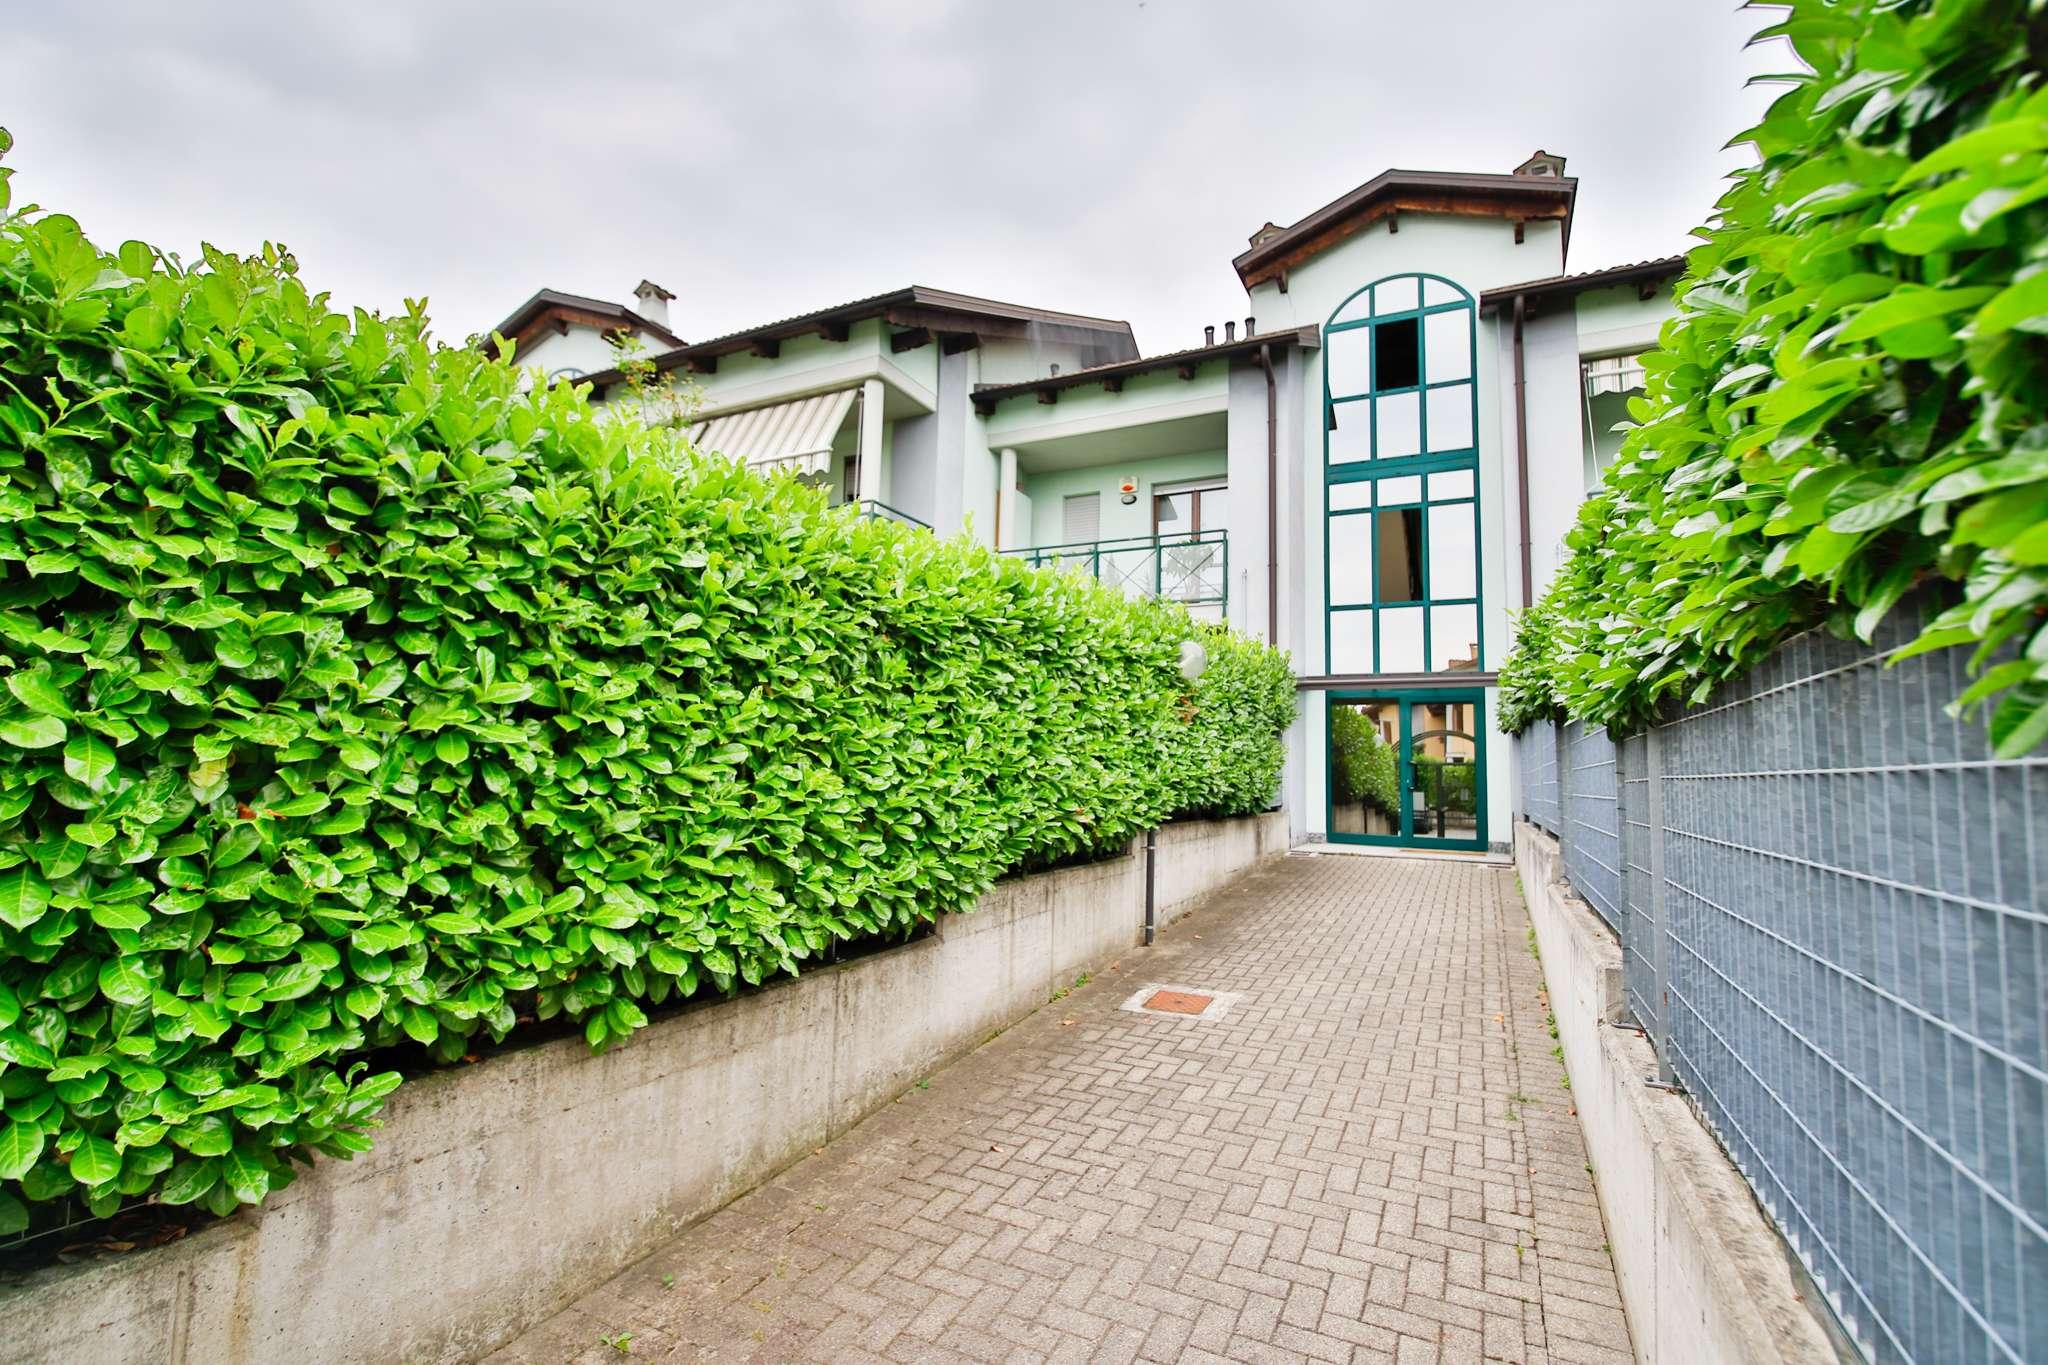 Appartamento in vendita a Torrazza Piemonte, 4 locali, prezzo € 156.000   CambioCasa.it